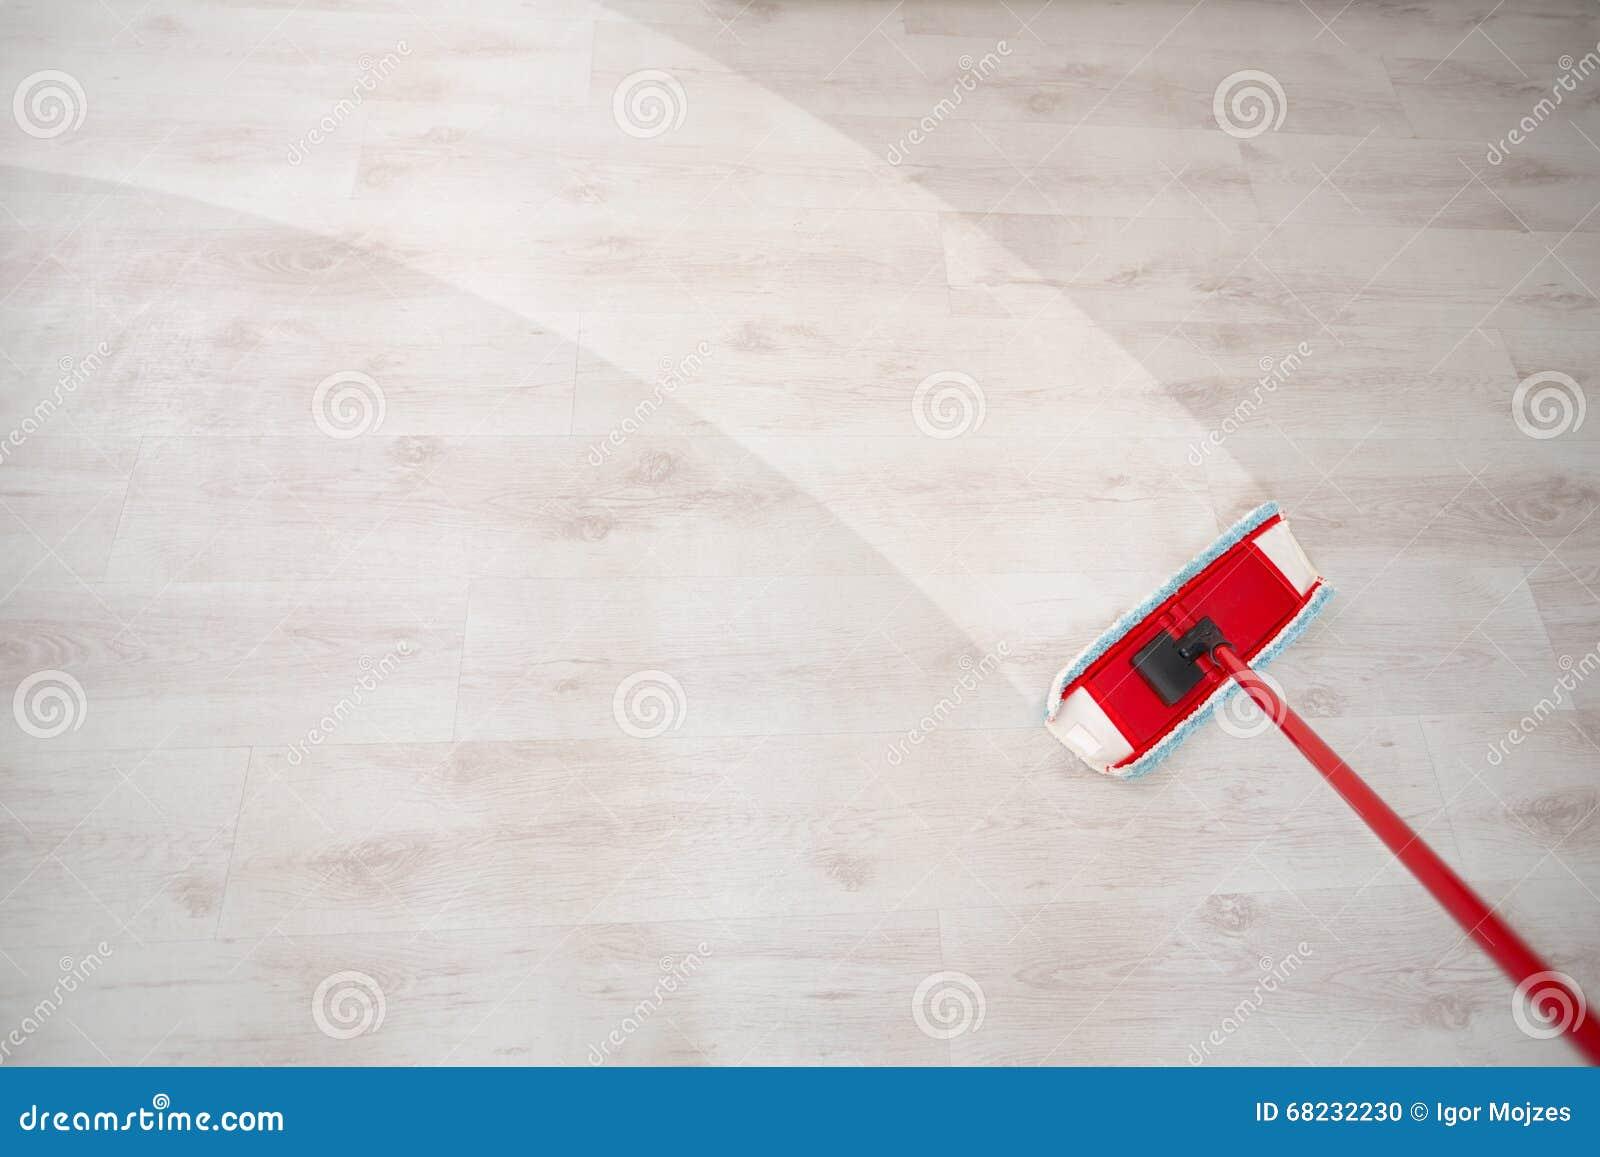 Σκουπίζοντας πάτωμα και καθαρισμός